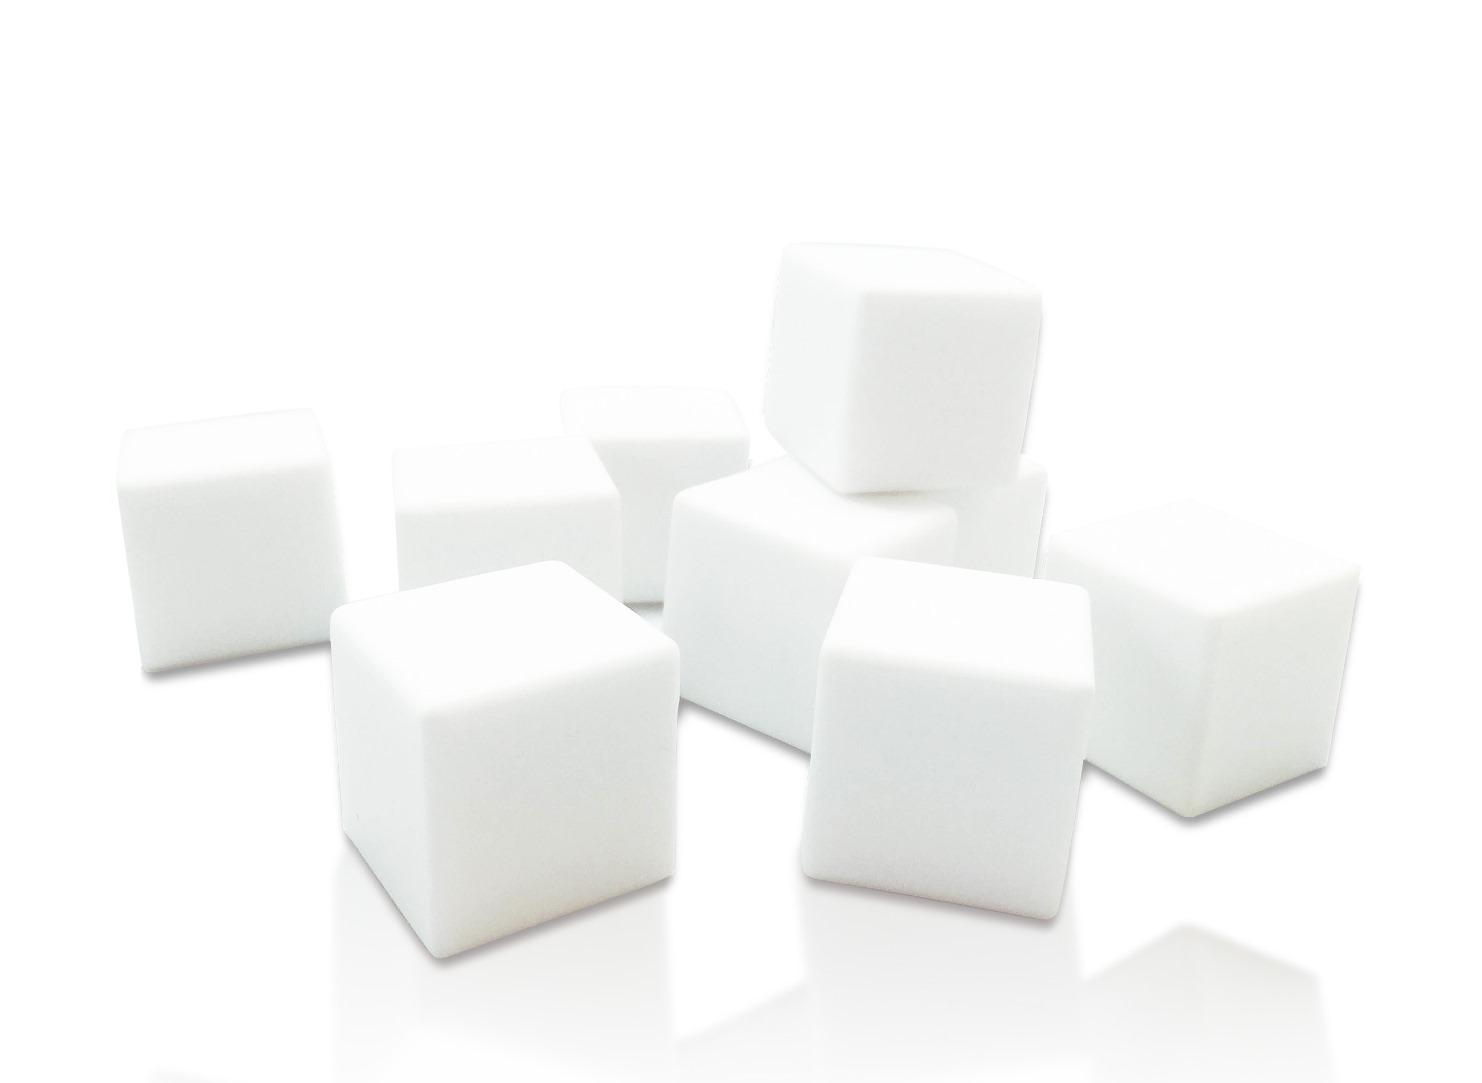 Онлайн каталог PROMENU: Камни для охлаждения керамические VinBouquet TO CHILL, белые, 9 штук VinBouquet FIE 084